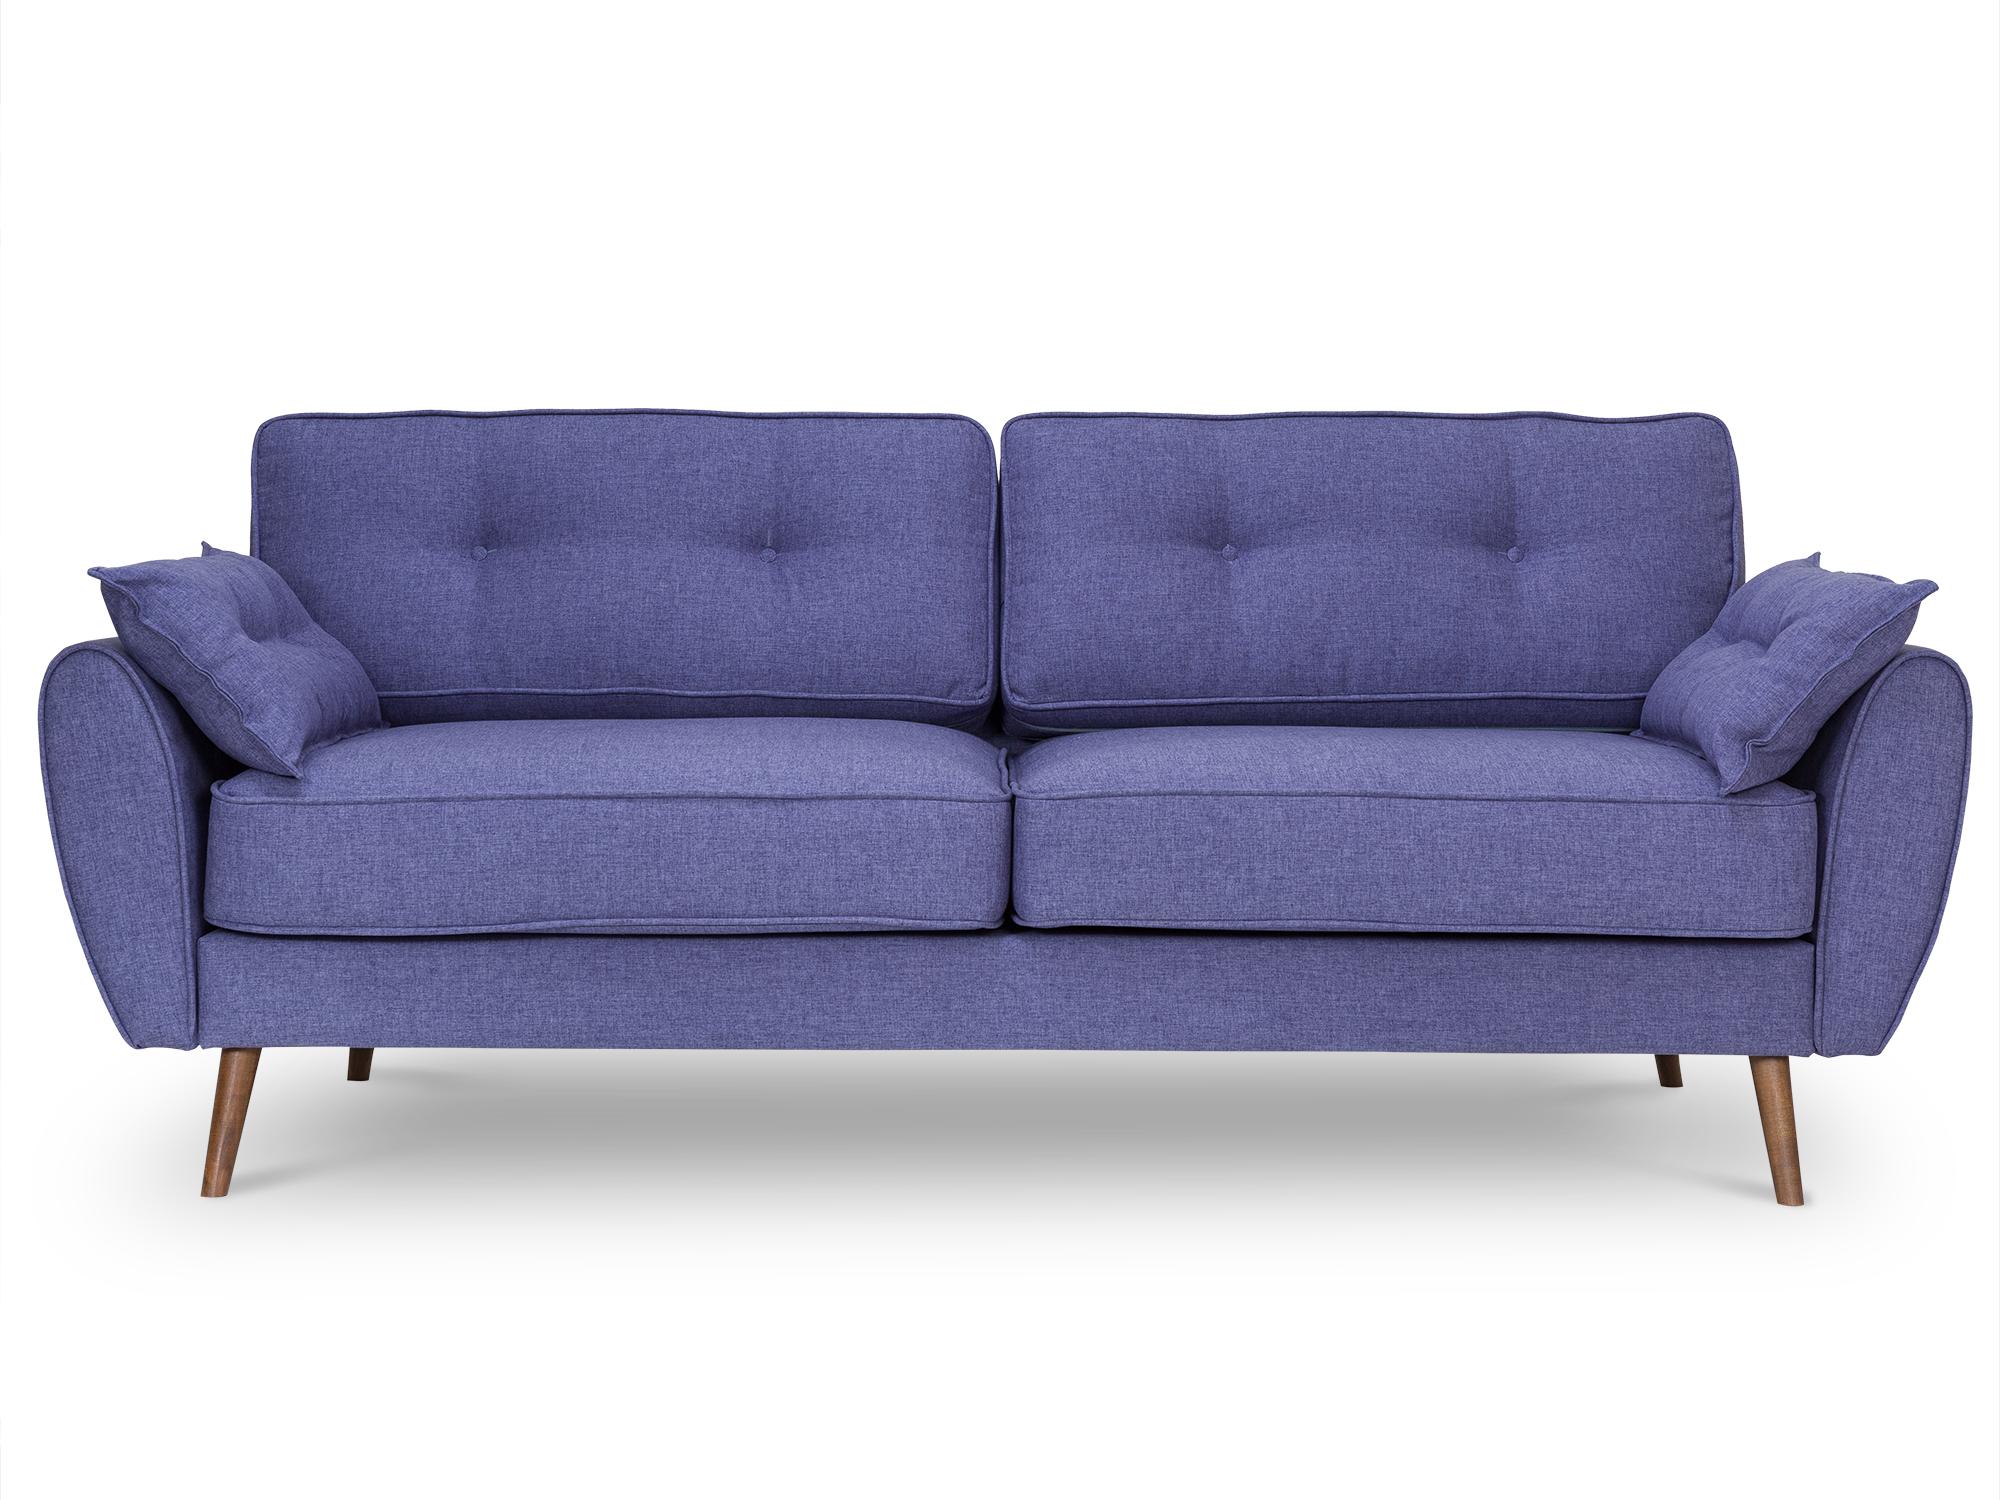 Myfurnish диван vogue фиолетовый  78525/2